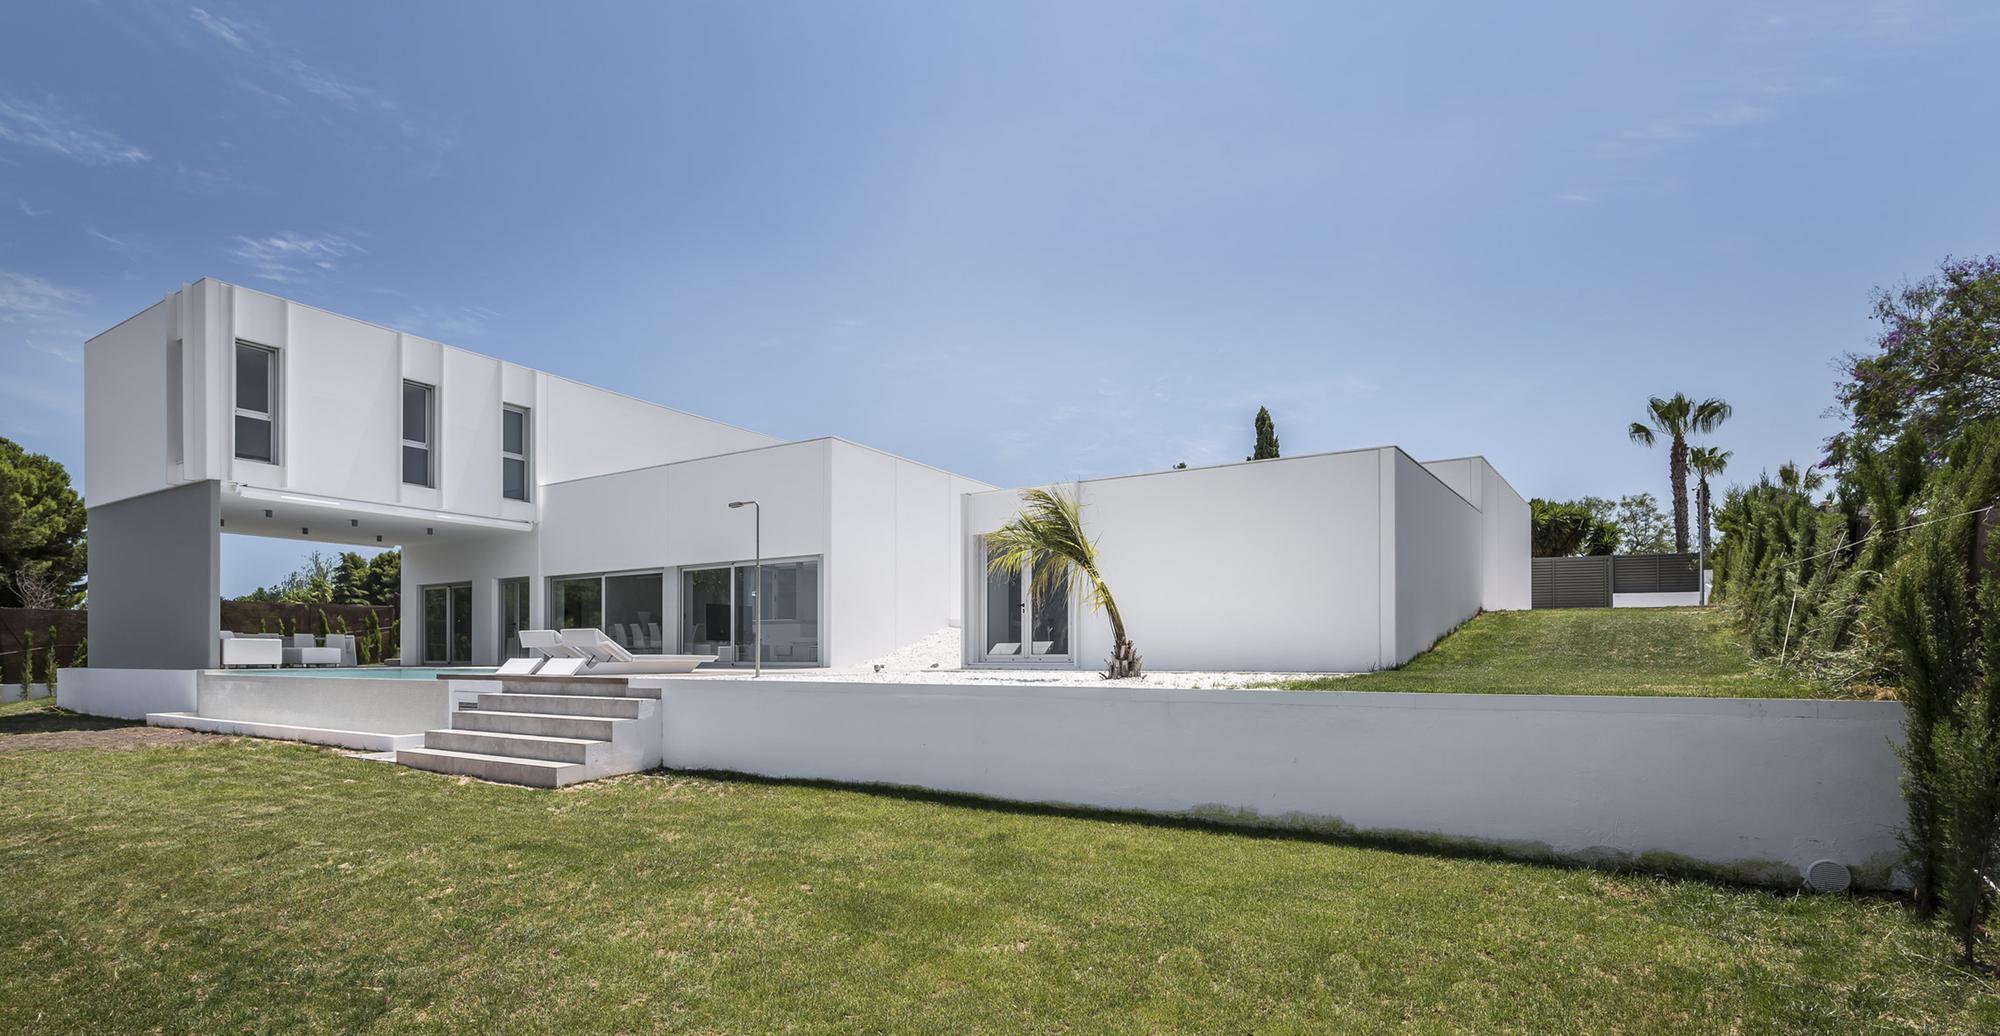 Buscando Hormig N En Obras De Arquitectura Plataforma Arquitectura # Barre Duque Muebles